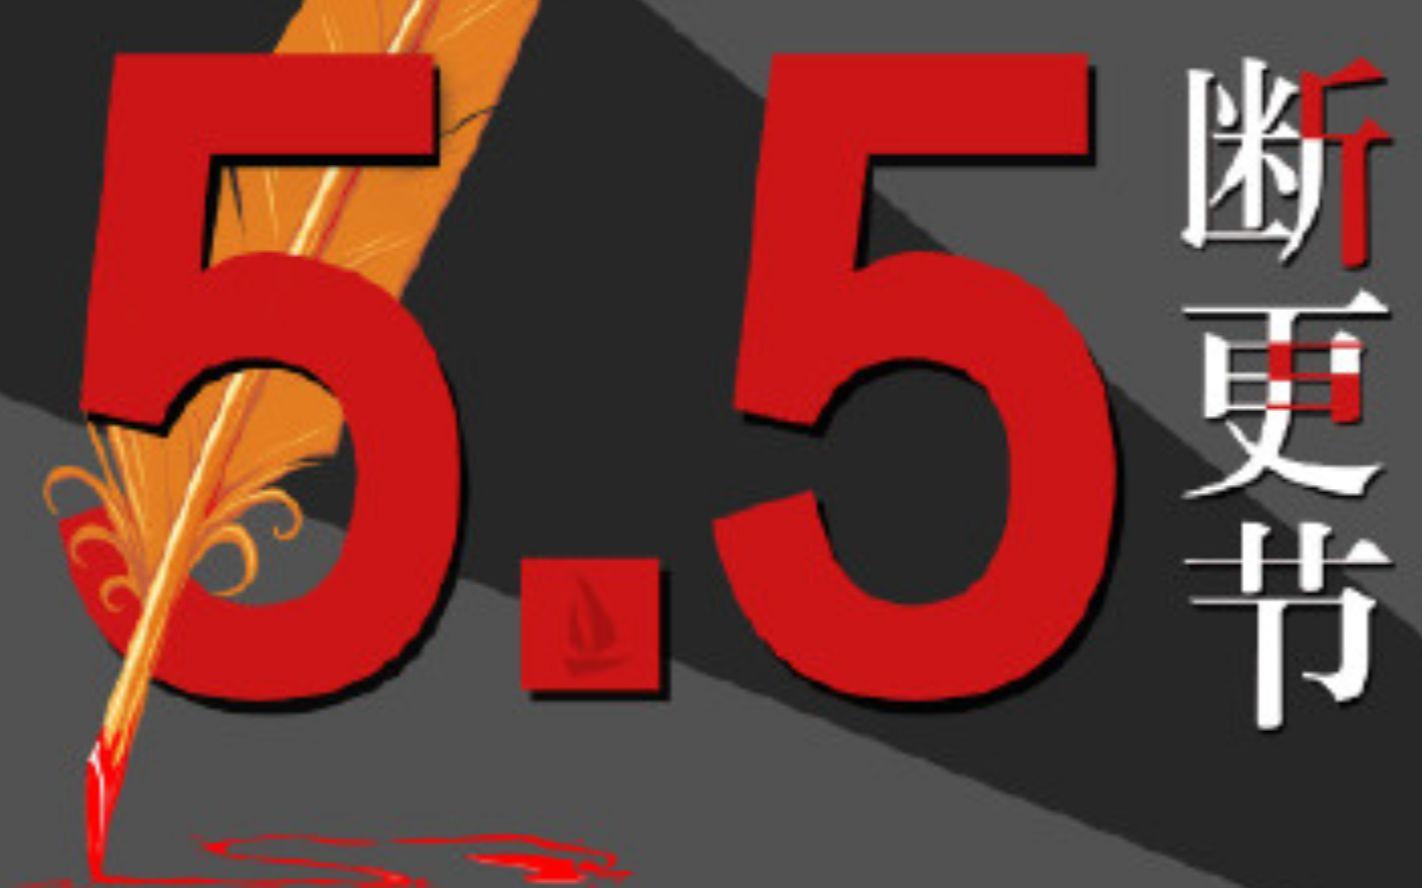 五五断更节战况实录【网文】【阅文黑心合同】